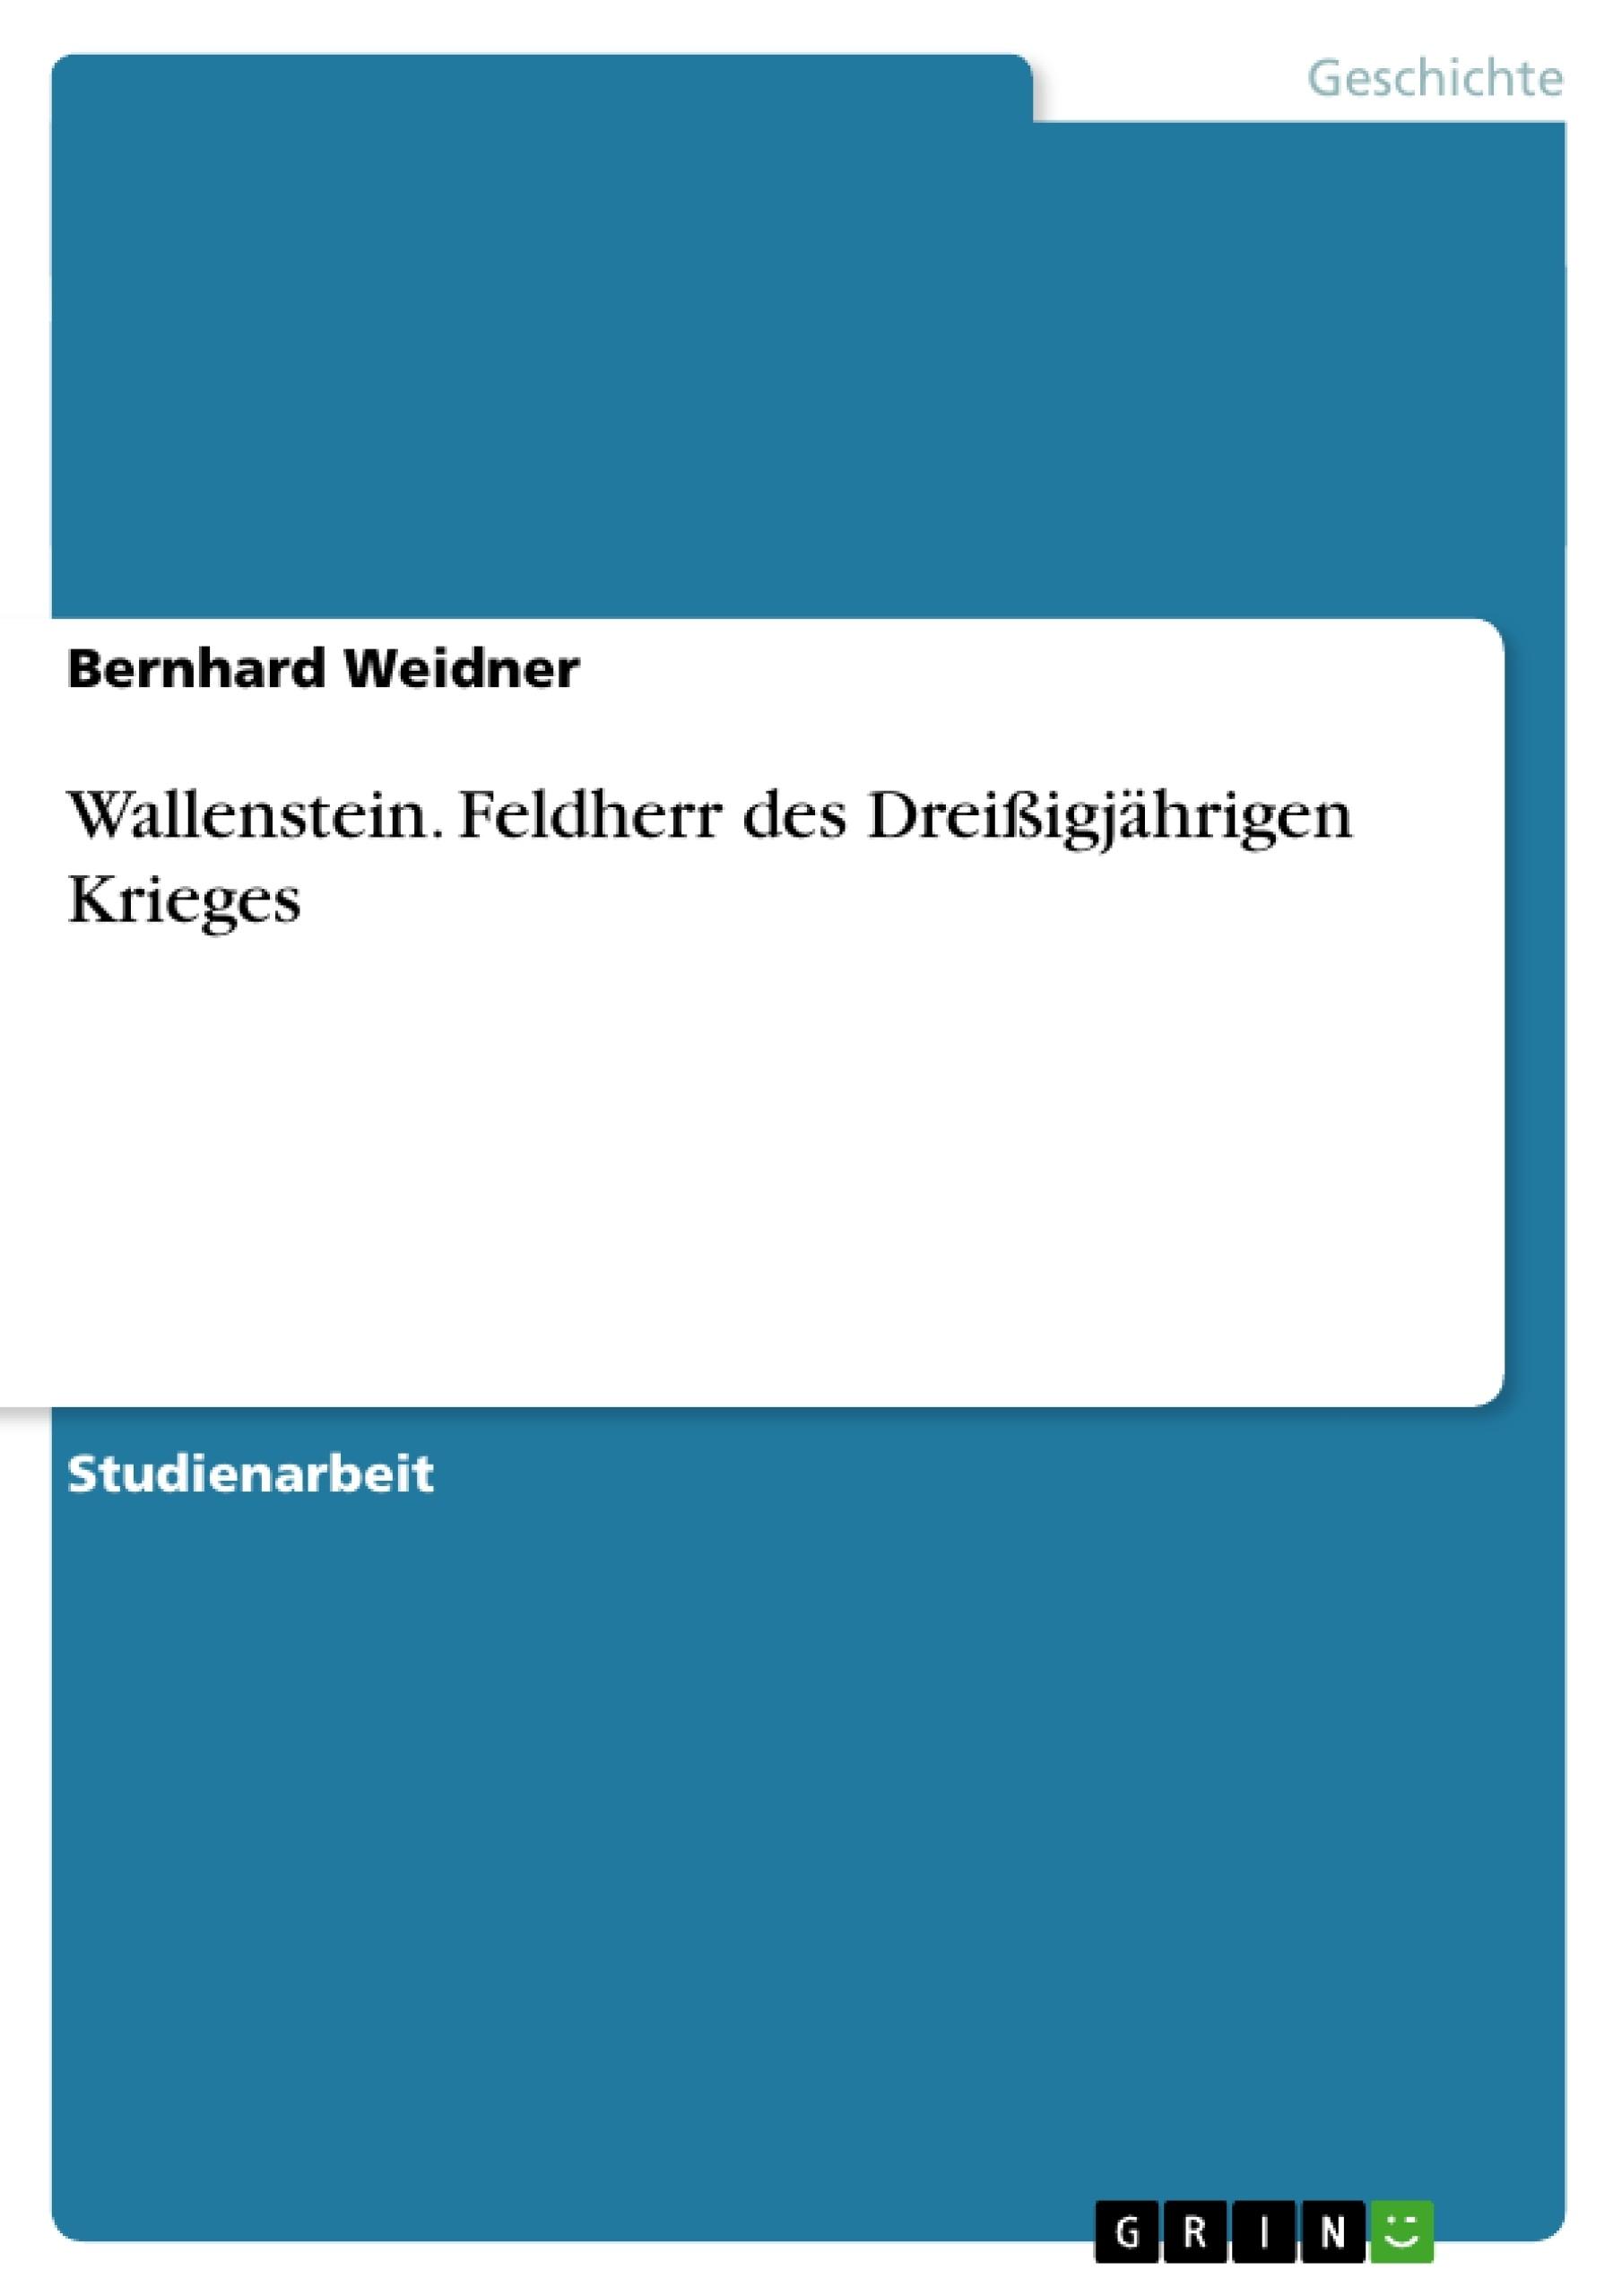 Titel: Wallenstein. Feldherr des Dreißigjährigen Krieges